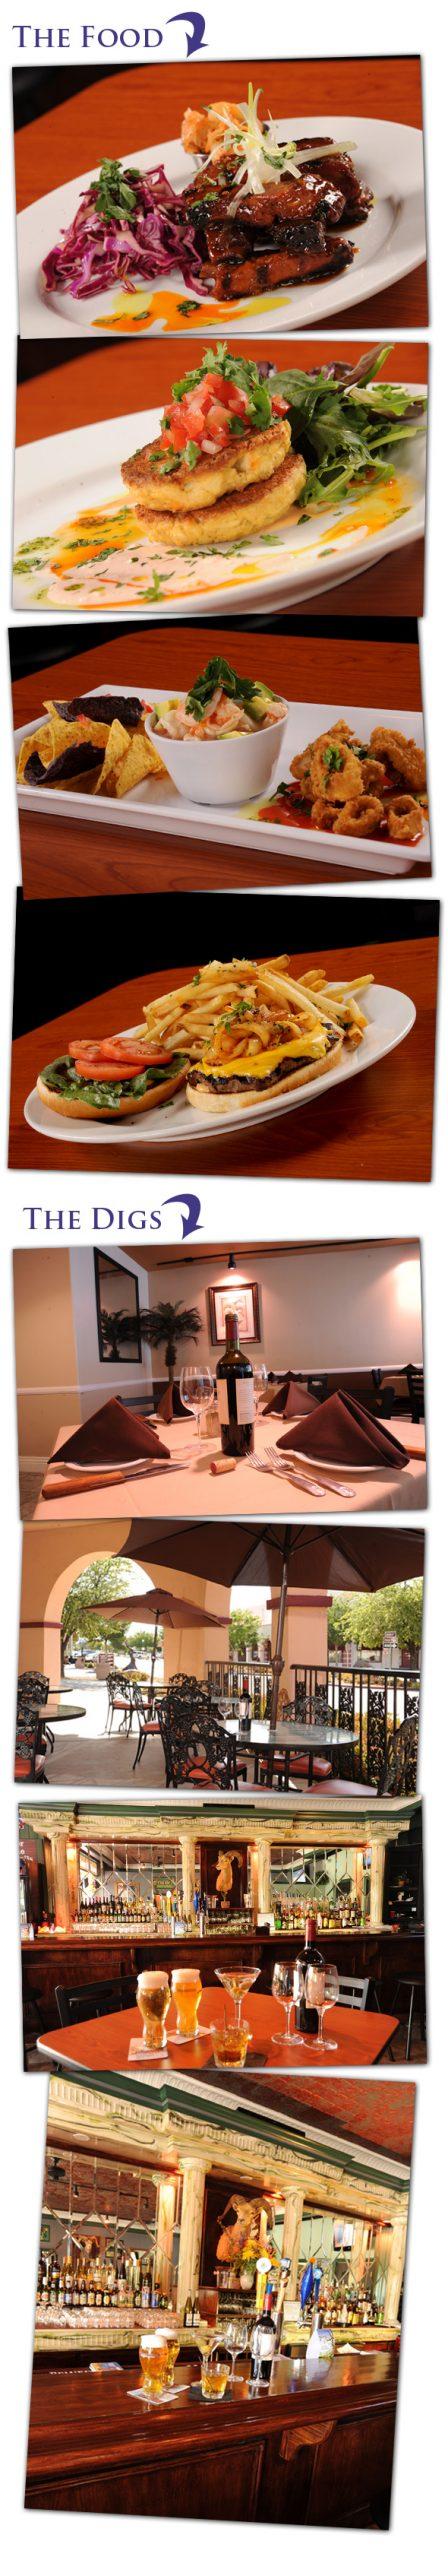 Big Horn Restaurant in Boulder City, NV